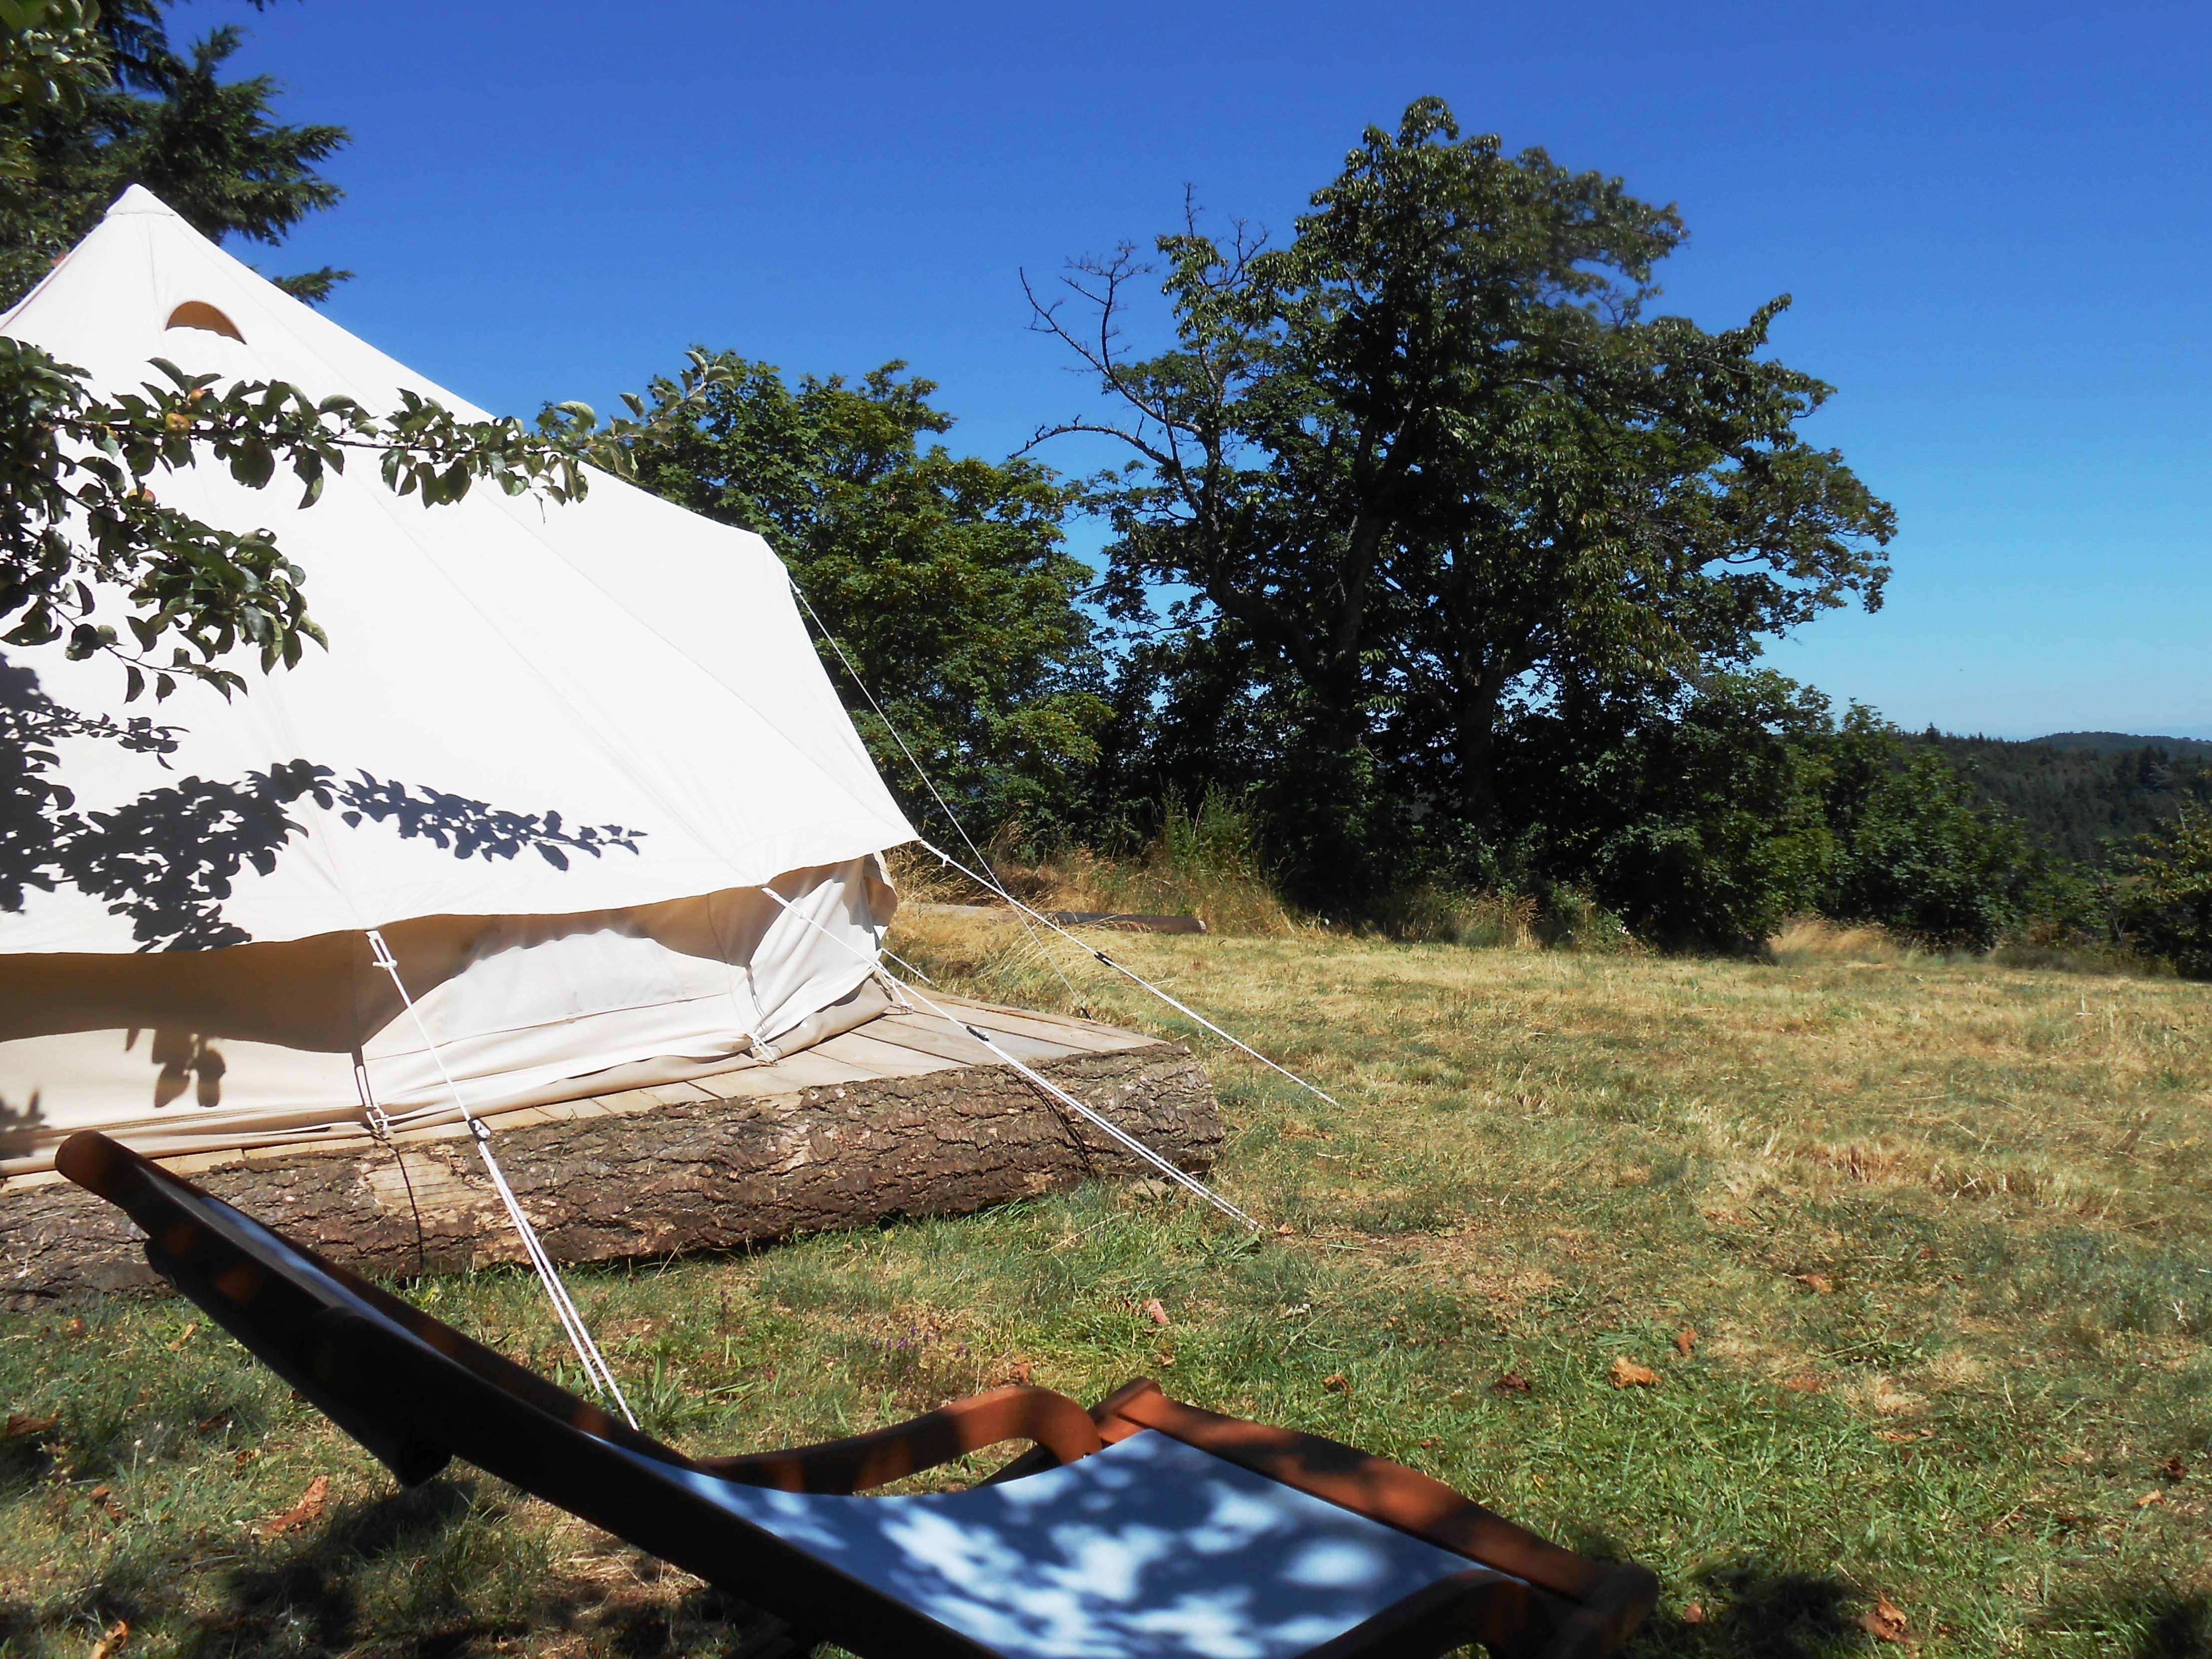 Hébergements insolites et enchanteurs en Ardèche Buissonnière. : Les Soleillas - tente saharienne (1-5 pers.)